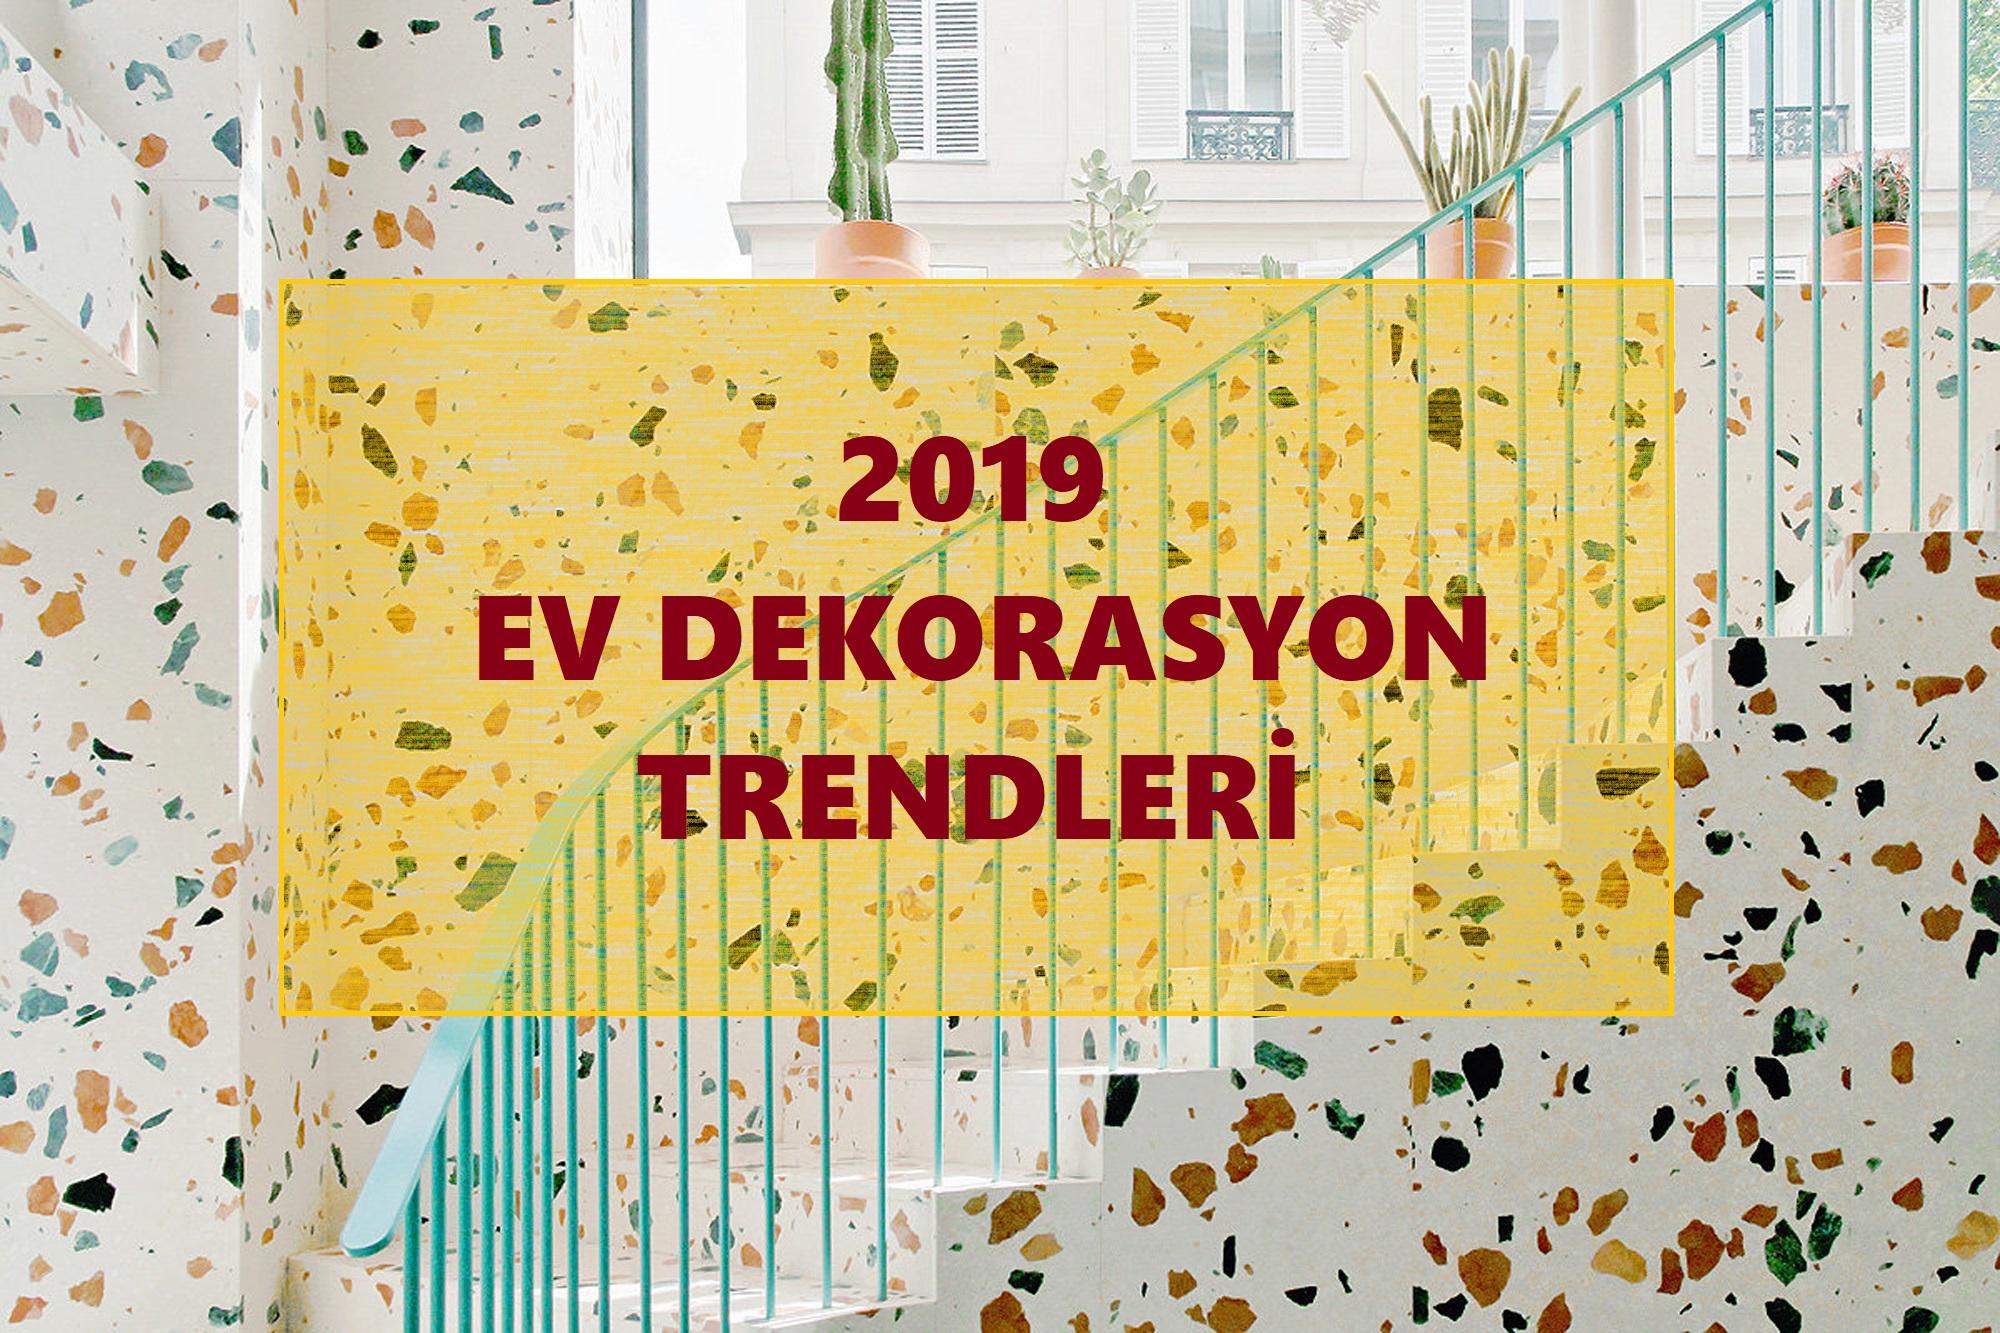 2019 Dekorasyon Trendleri: 2019'a Yön Verecek 12 Dekorasyon Eğilimi